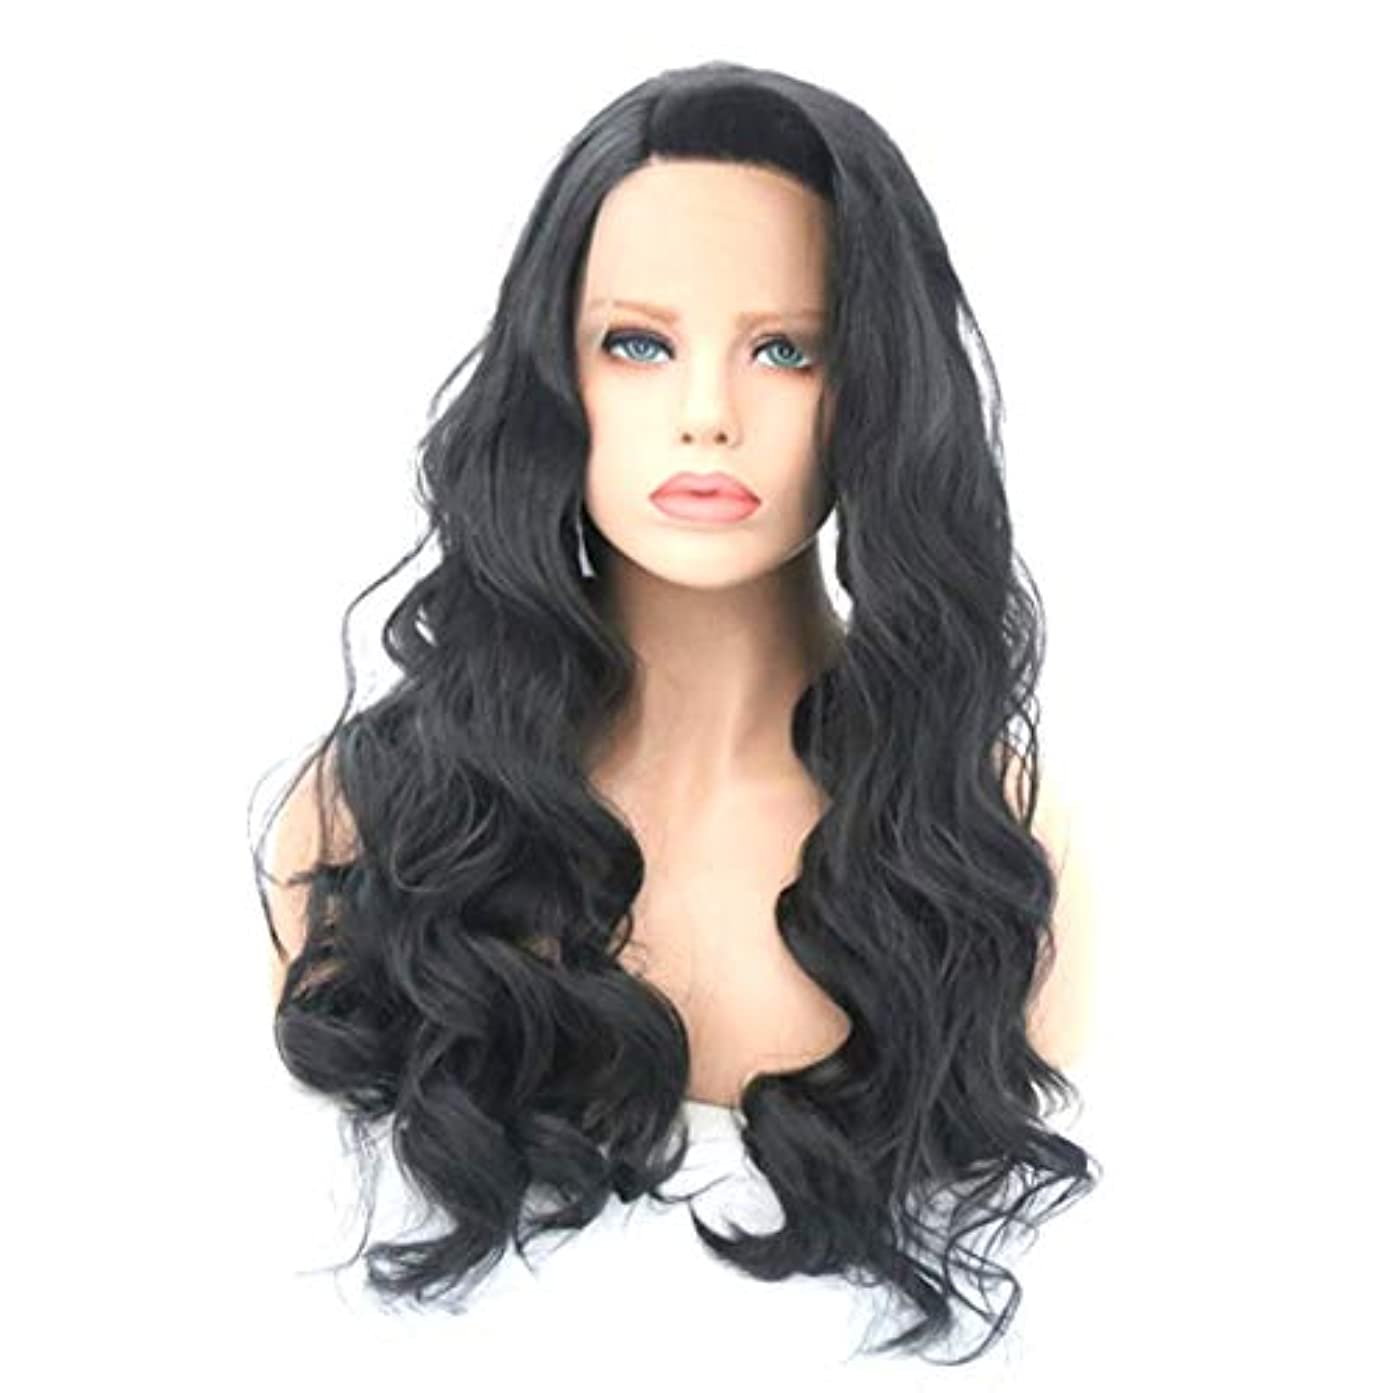 コンバーチブル結果としてラボKerwinner かつら女性のための大きな波状の巻き毛の耐熱性長い巻き毛のかつら (Size : 18 inches)